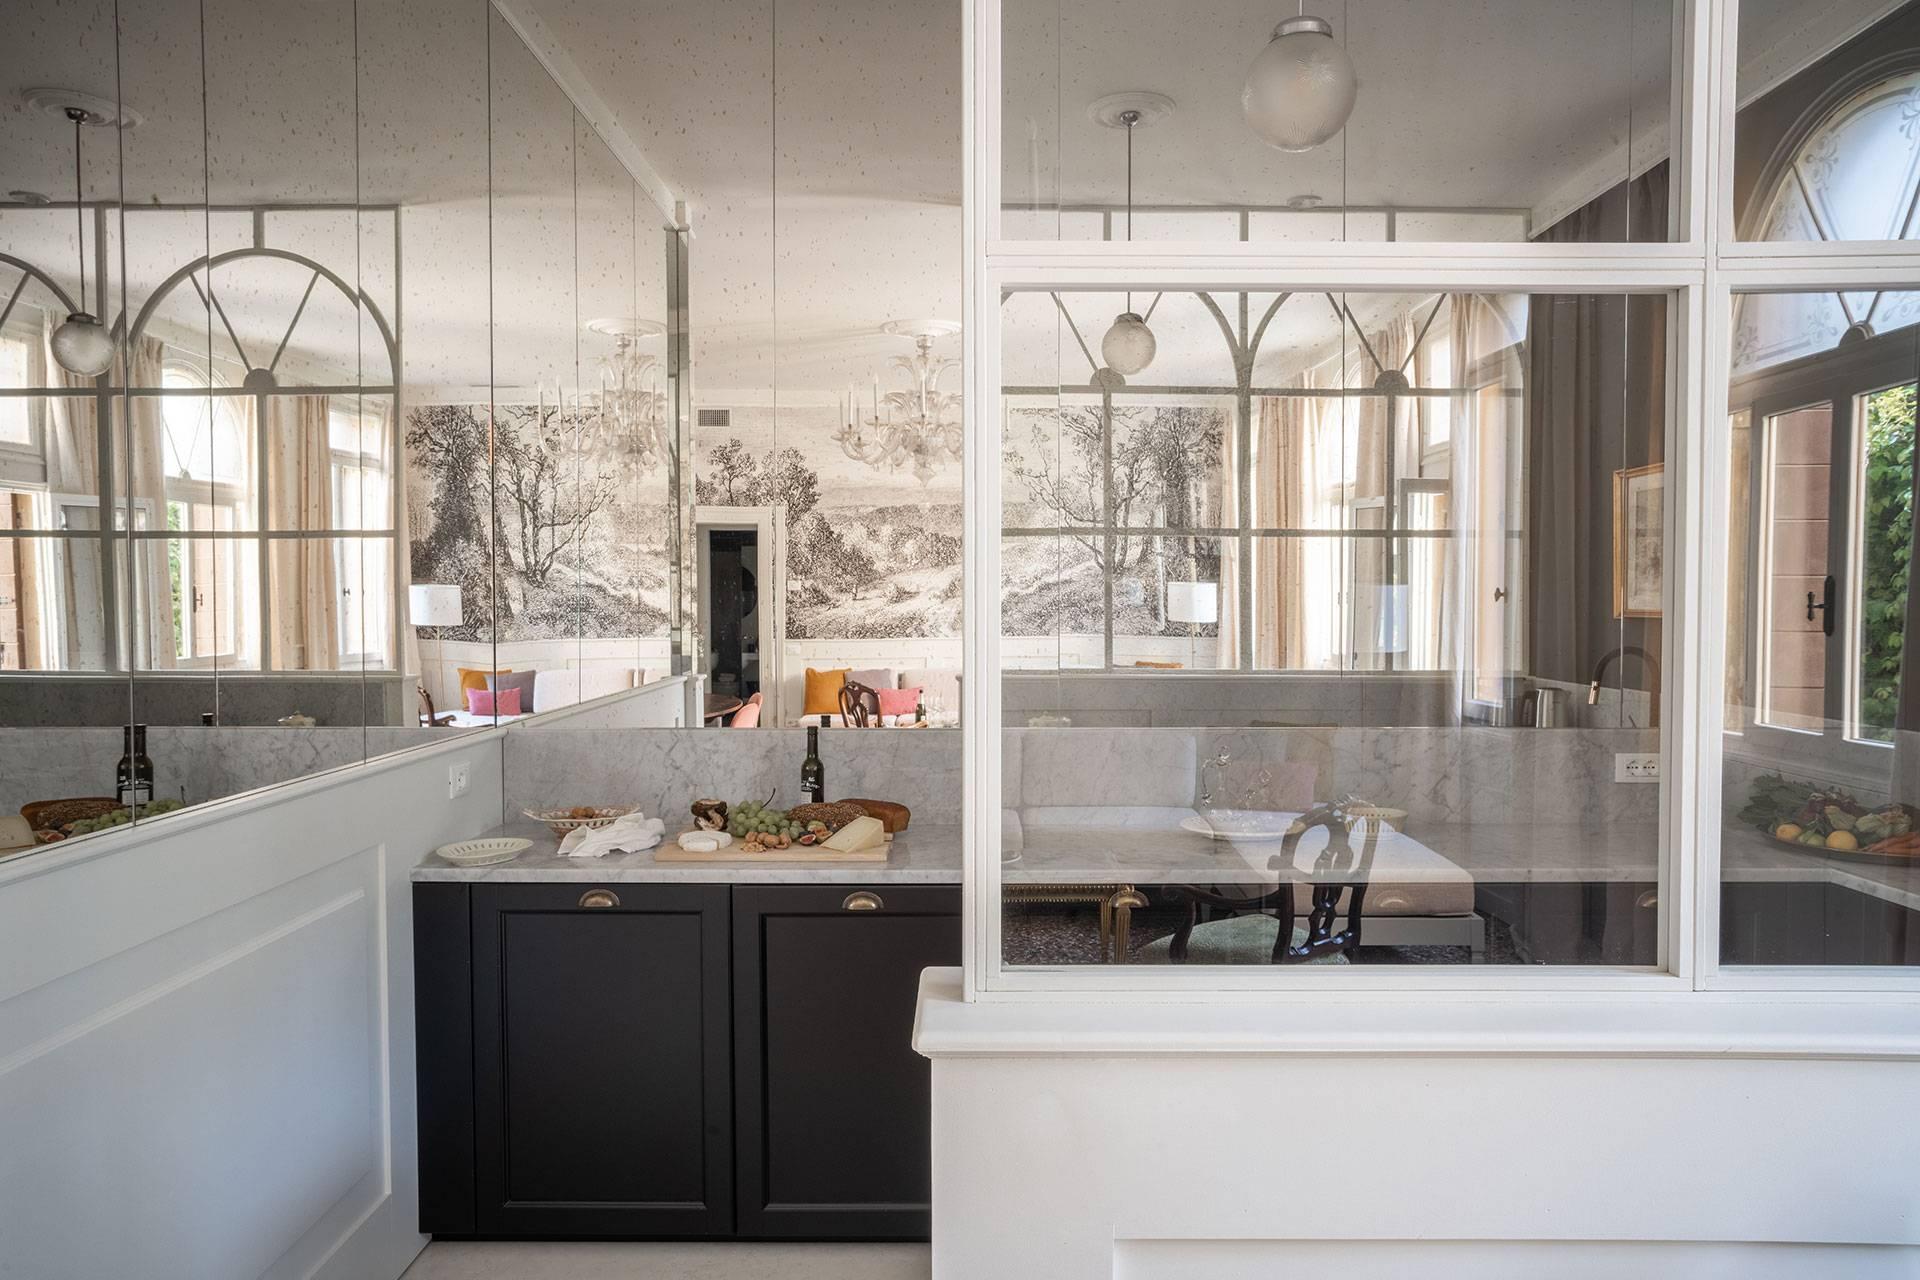 3rd floor: kitchen